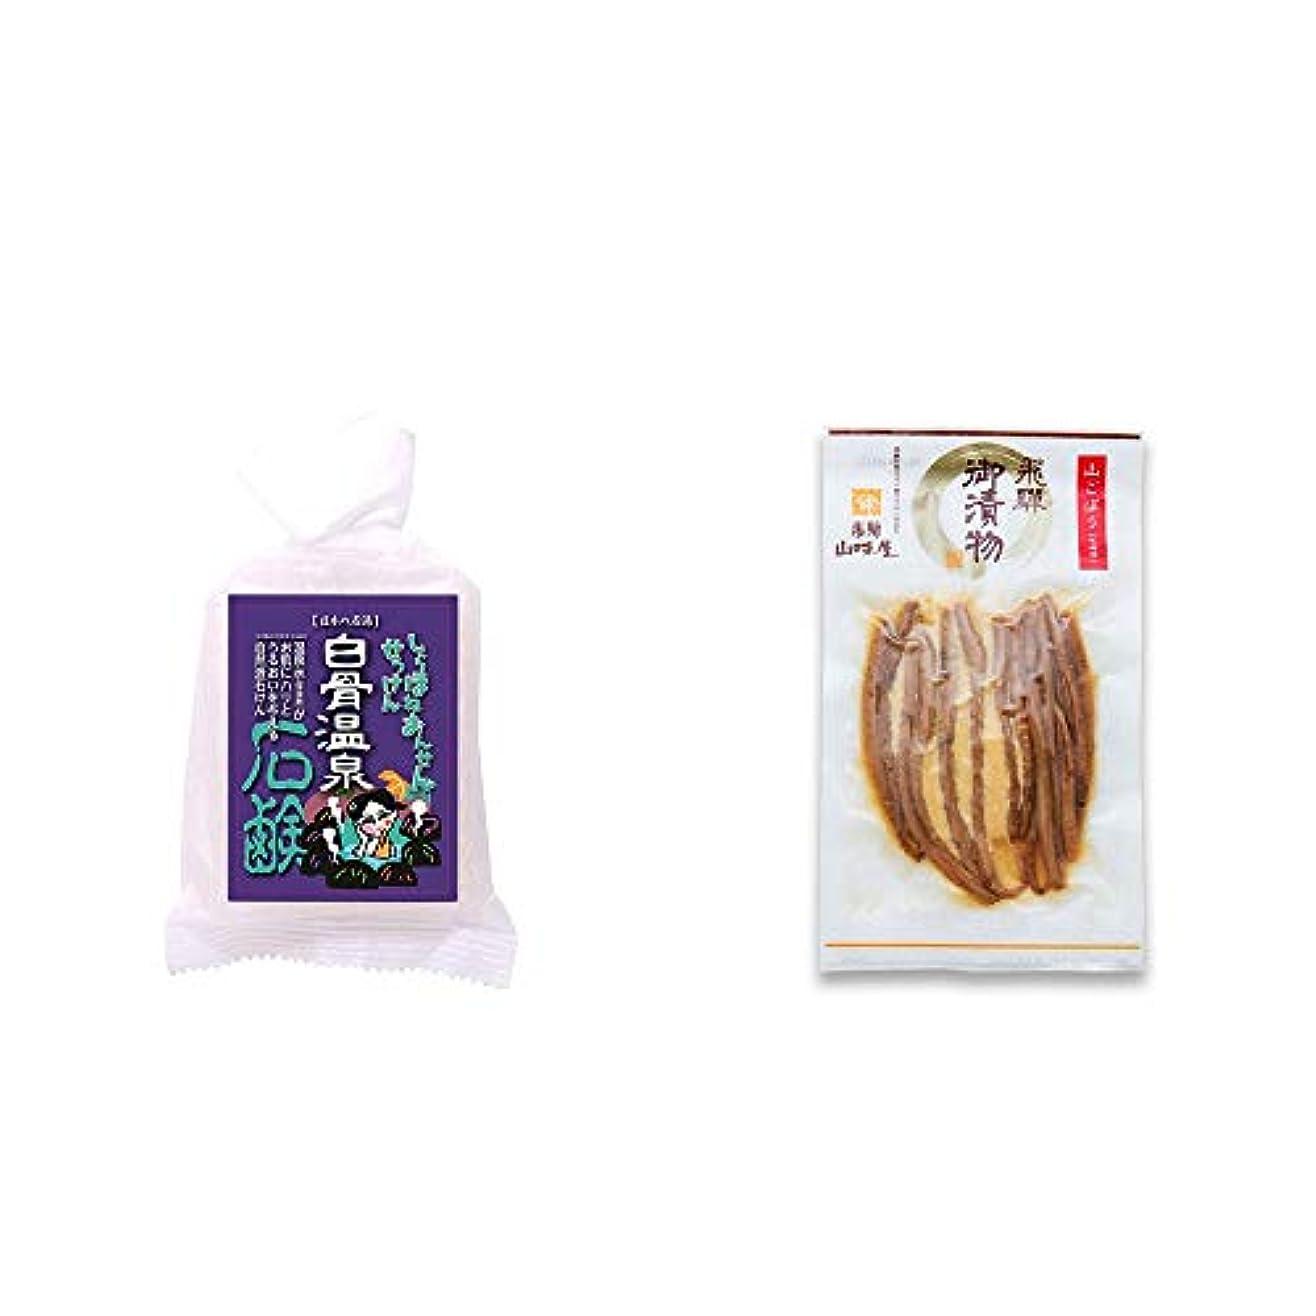 蒸発する限定美しい[2点セット] 信州 白骨温泉石鹸(80g)?飛騨山味屋 山ごぼう味噌漬(80g)